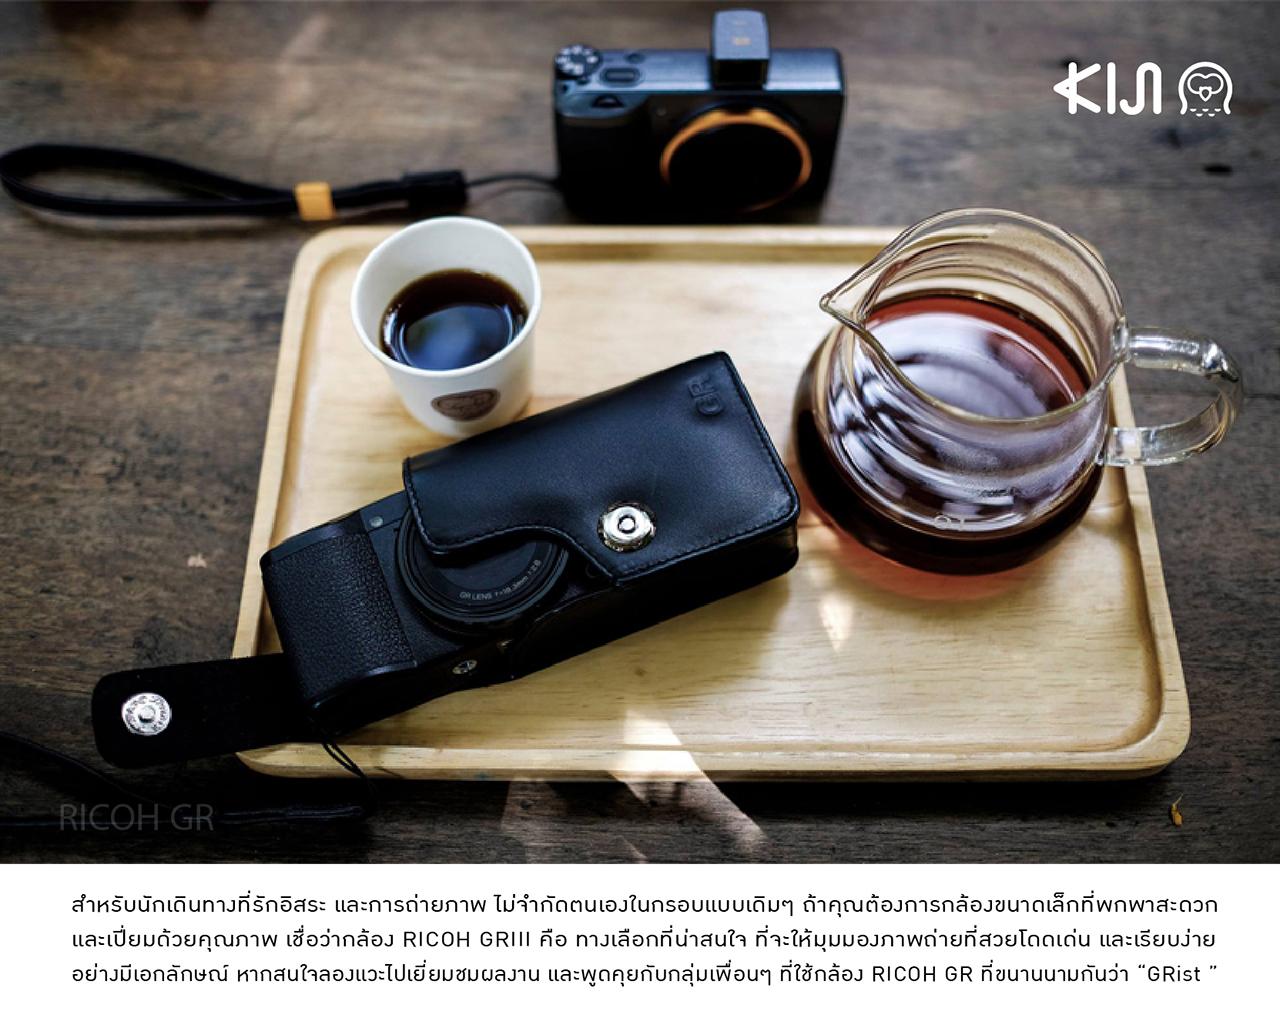 กล้อง Ricoh GR ขนาดเล็กพกพาง่าย